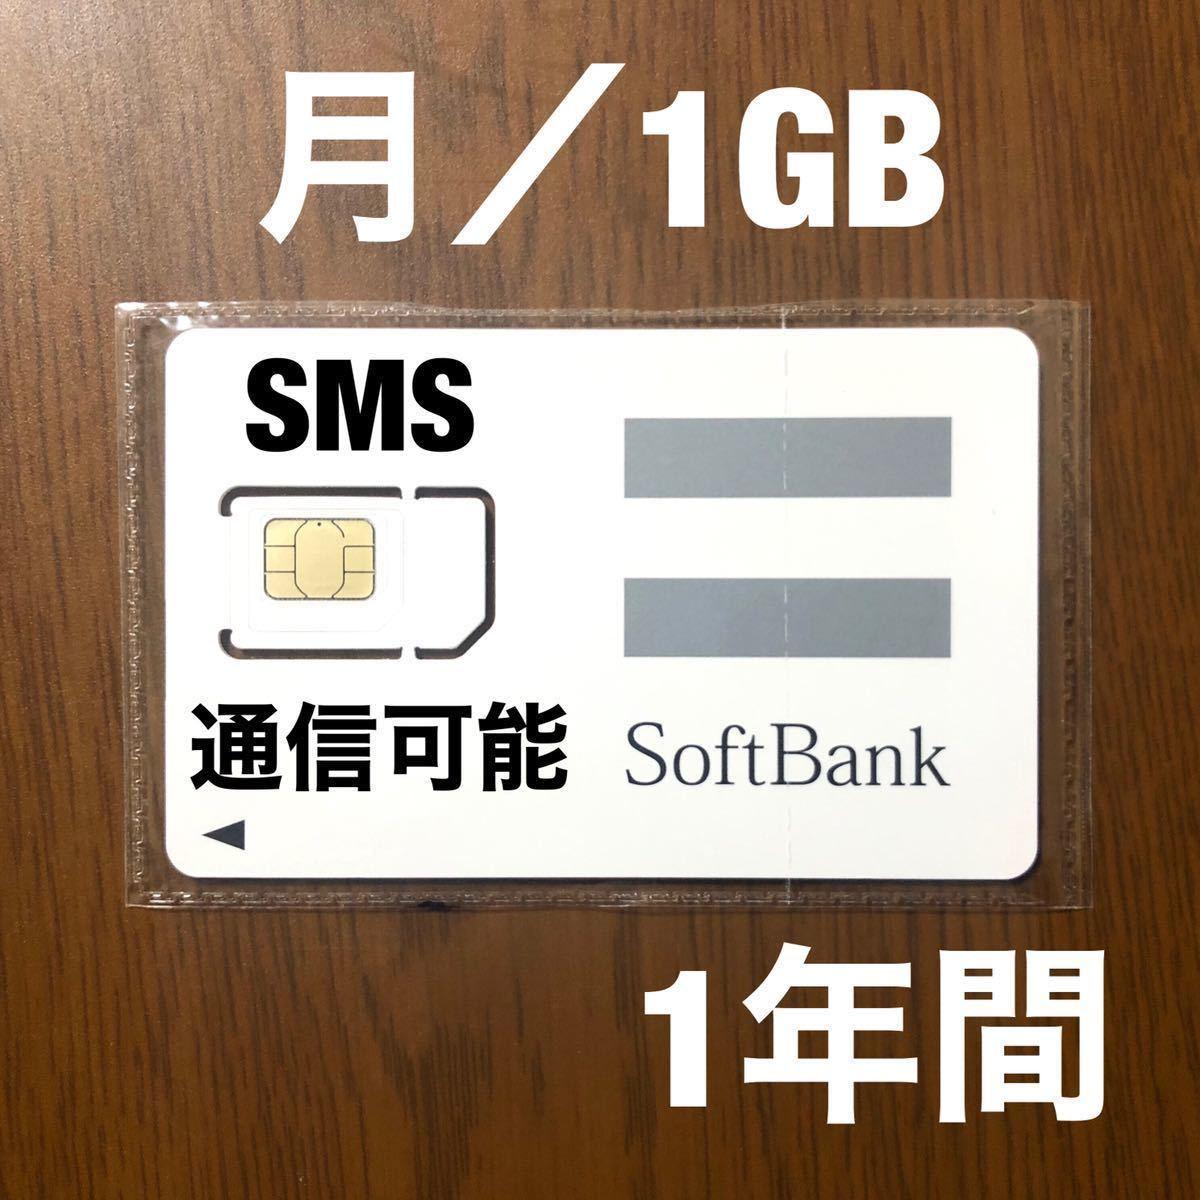 SoftBank 1GB プリペイド データ カード SIM 通信 高速 2枚_画像1